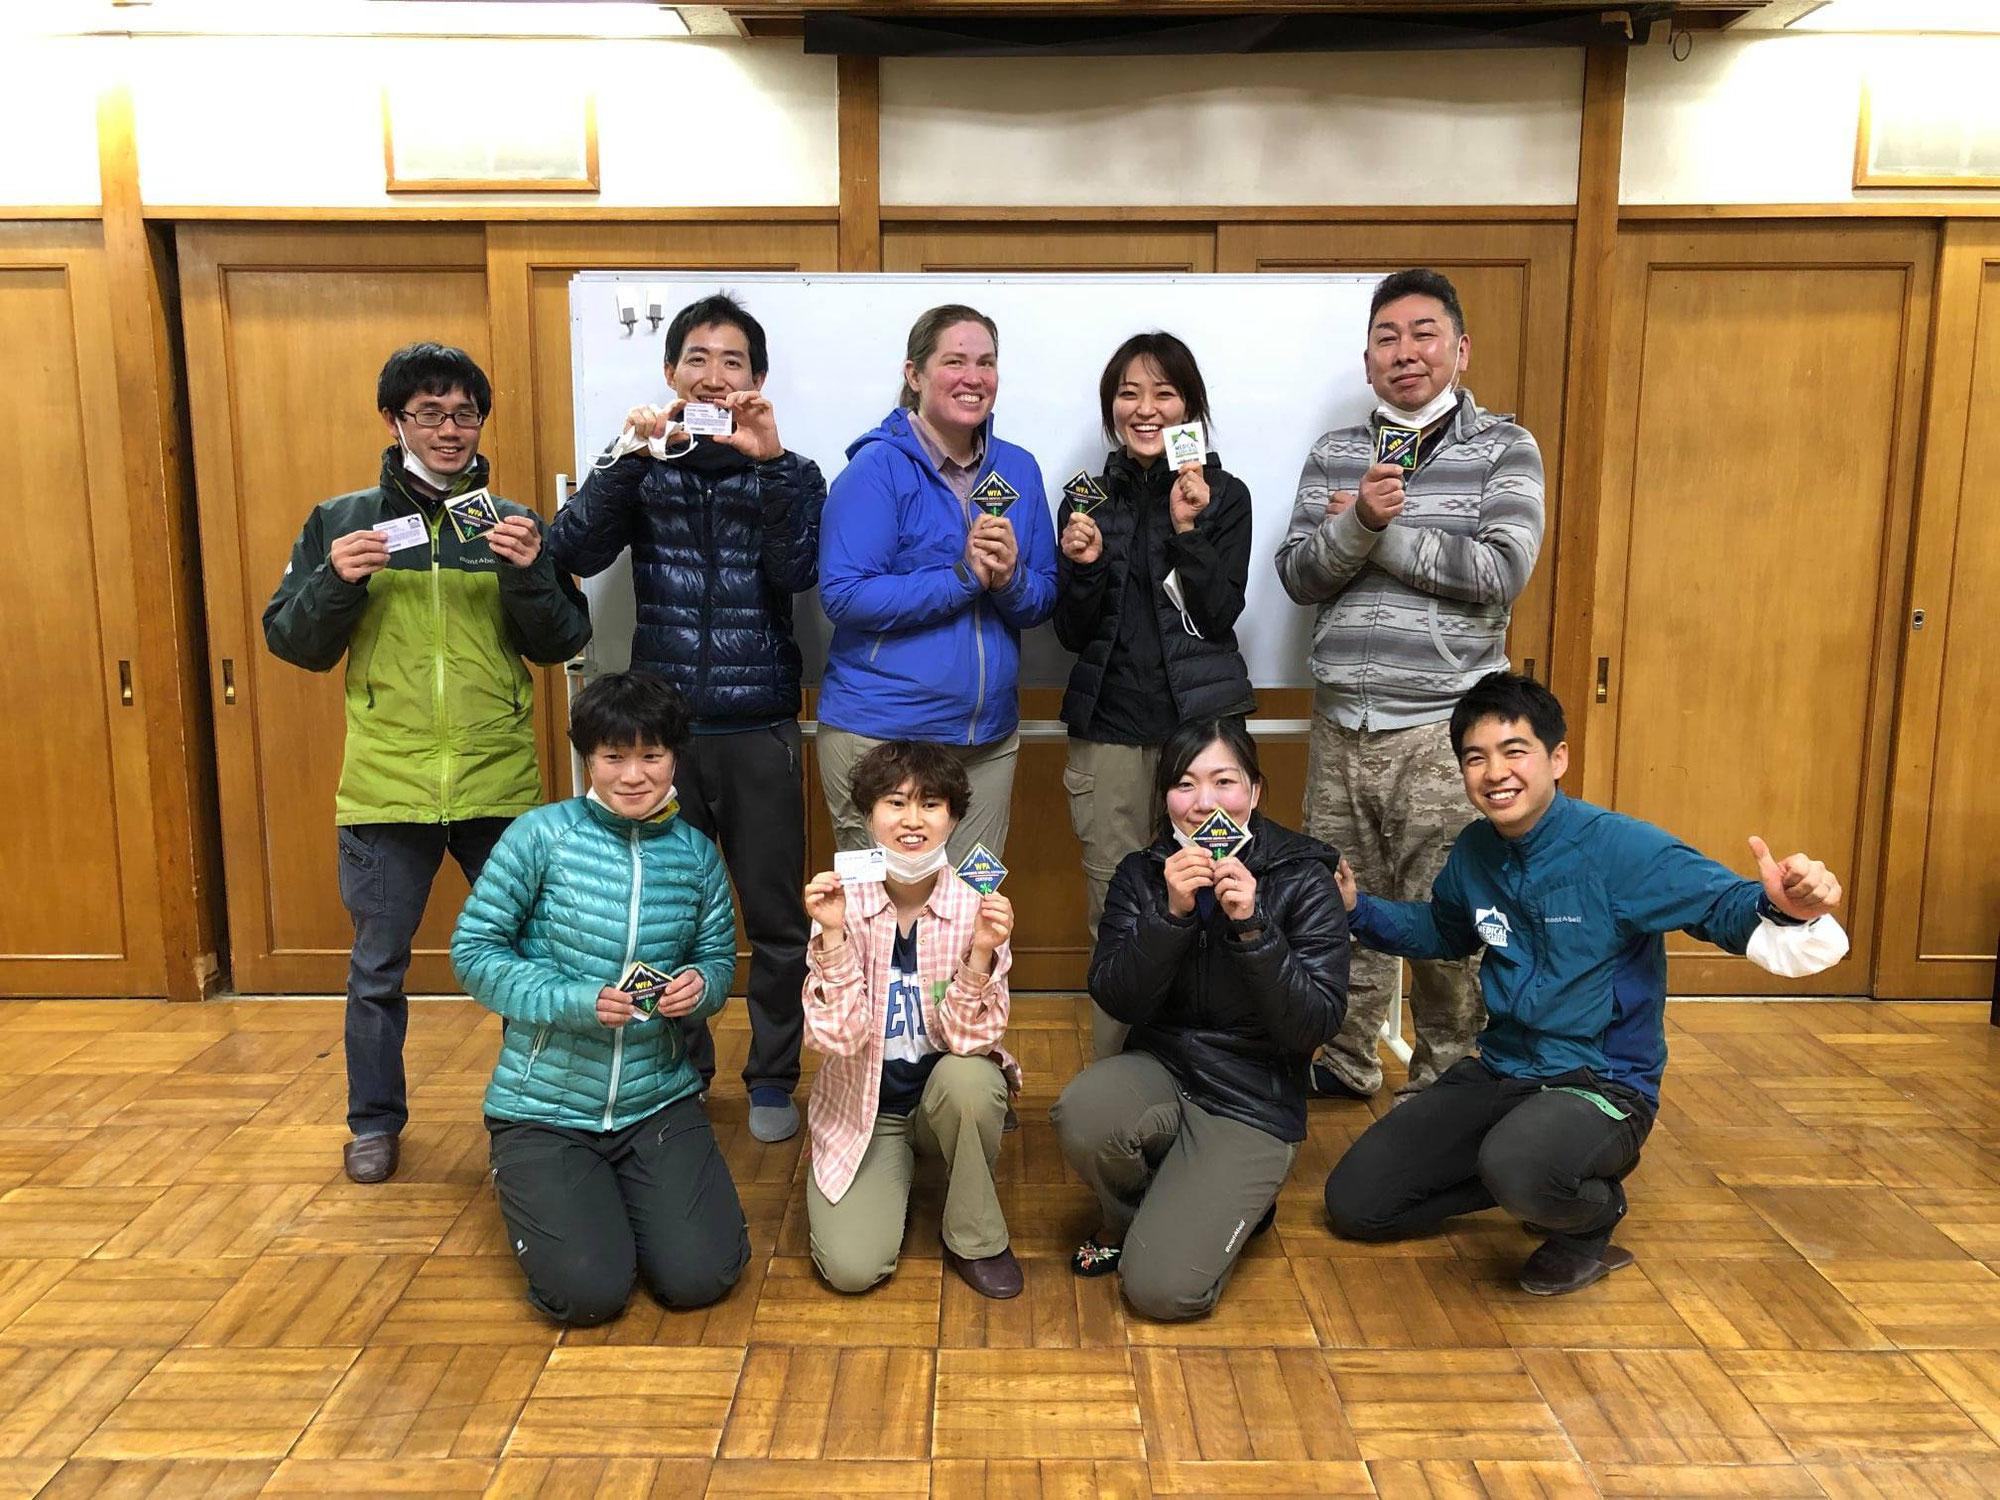 沖縄東村でWFA開催